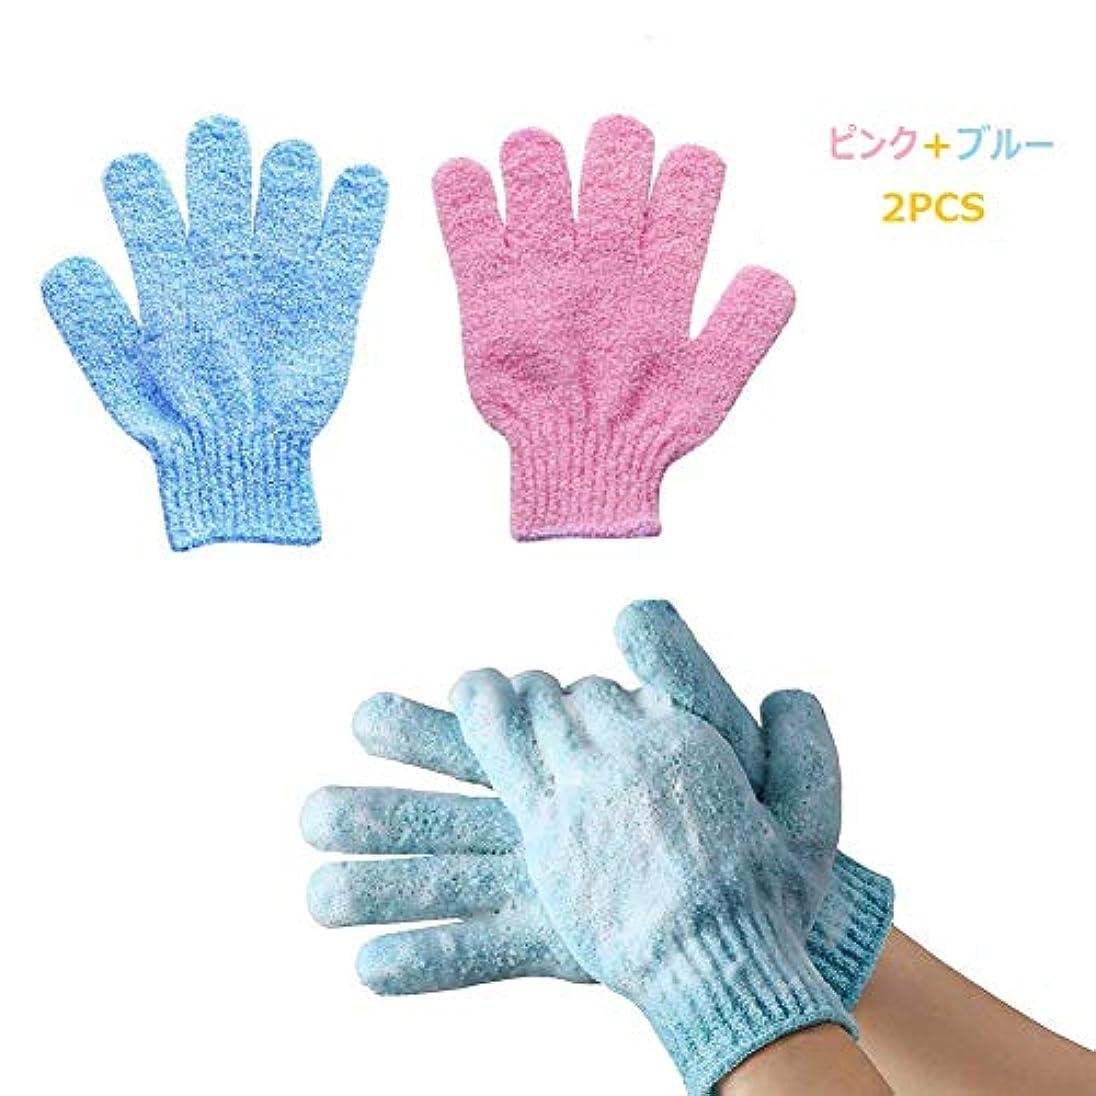 とまり木スーツアンドリューハリディROOFTOPS お風呂手袋 五本指 シャワーグローブ 泡立ち 柔らかい 入浴用品 角質除去 垢すり 2PCS (ピンク+ブルー)